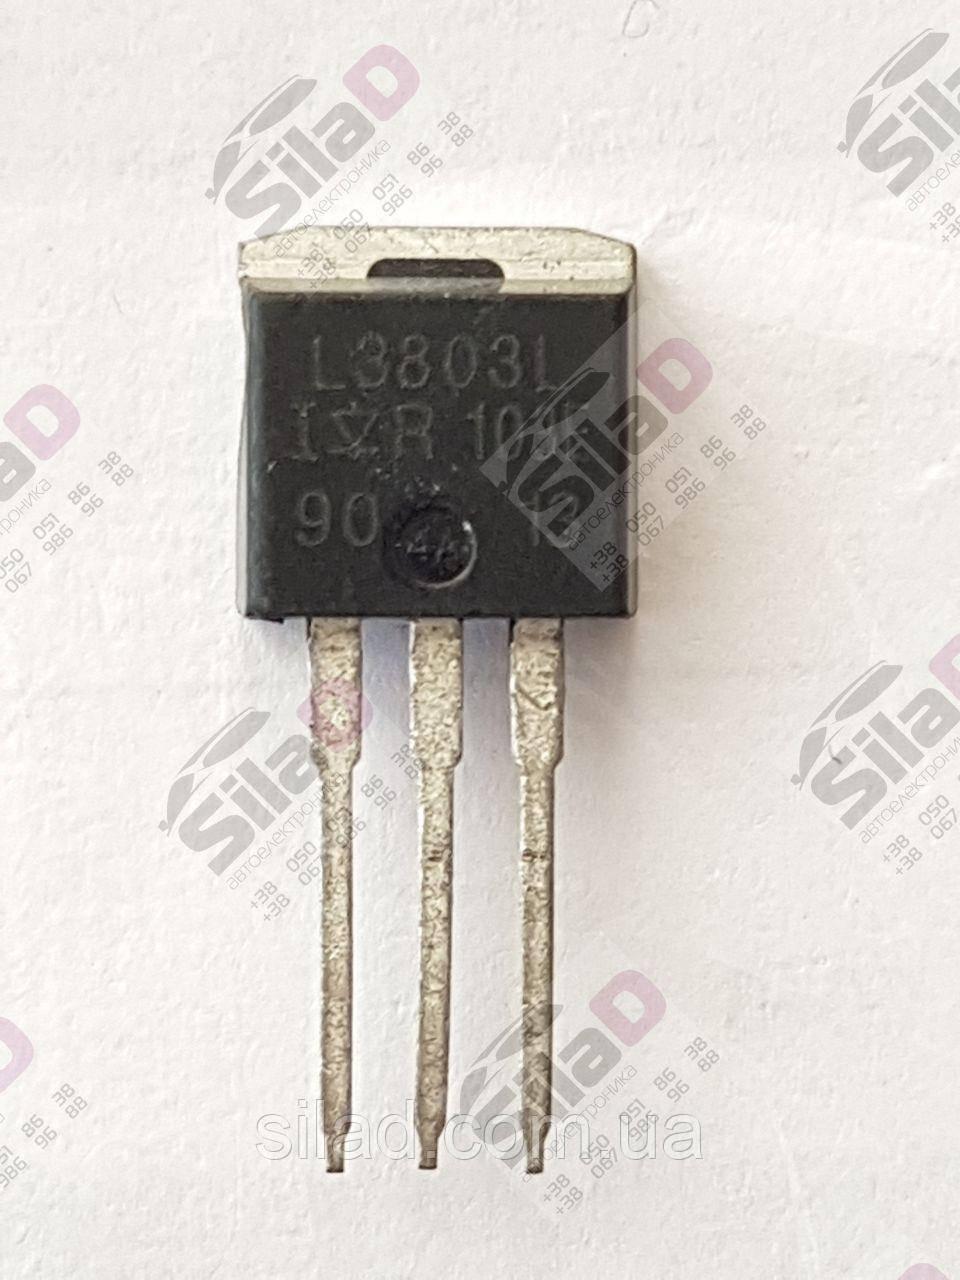 Транзистор IRL3803L L3803L International Rectifier (IR) корпус TO-262, 30V